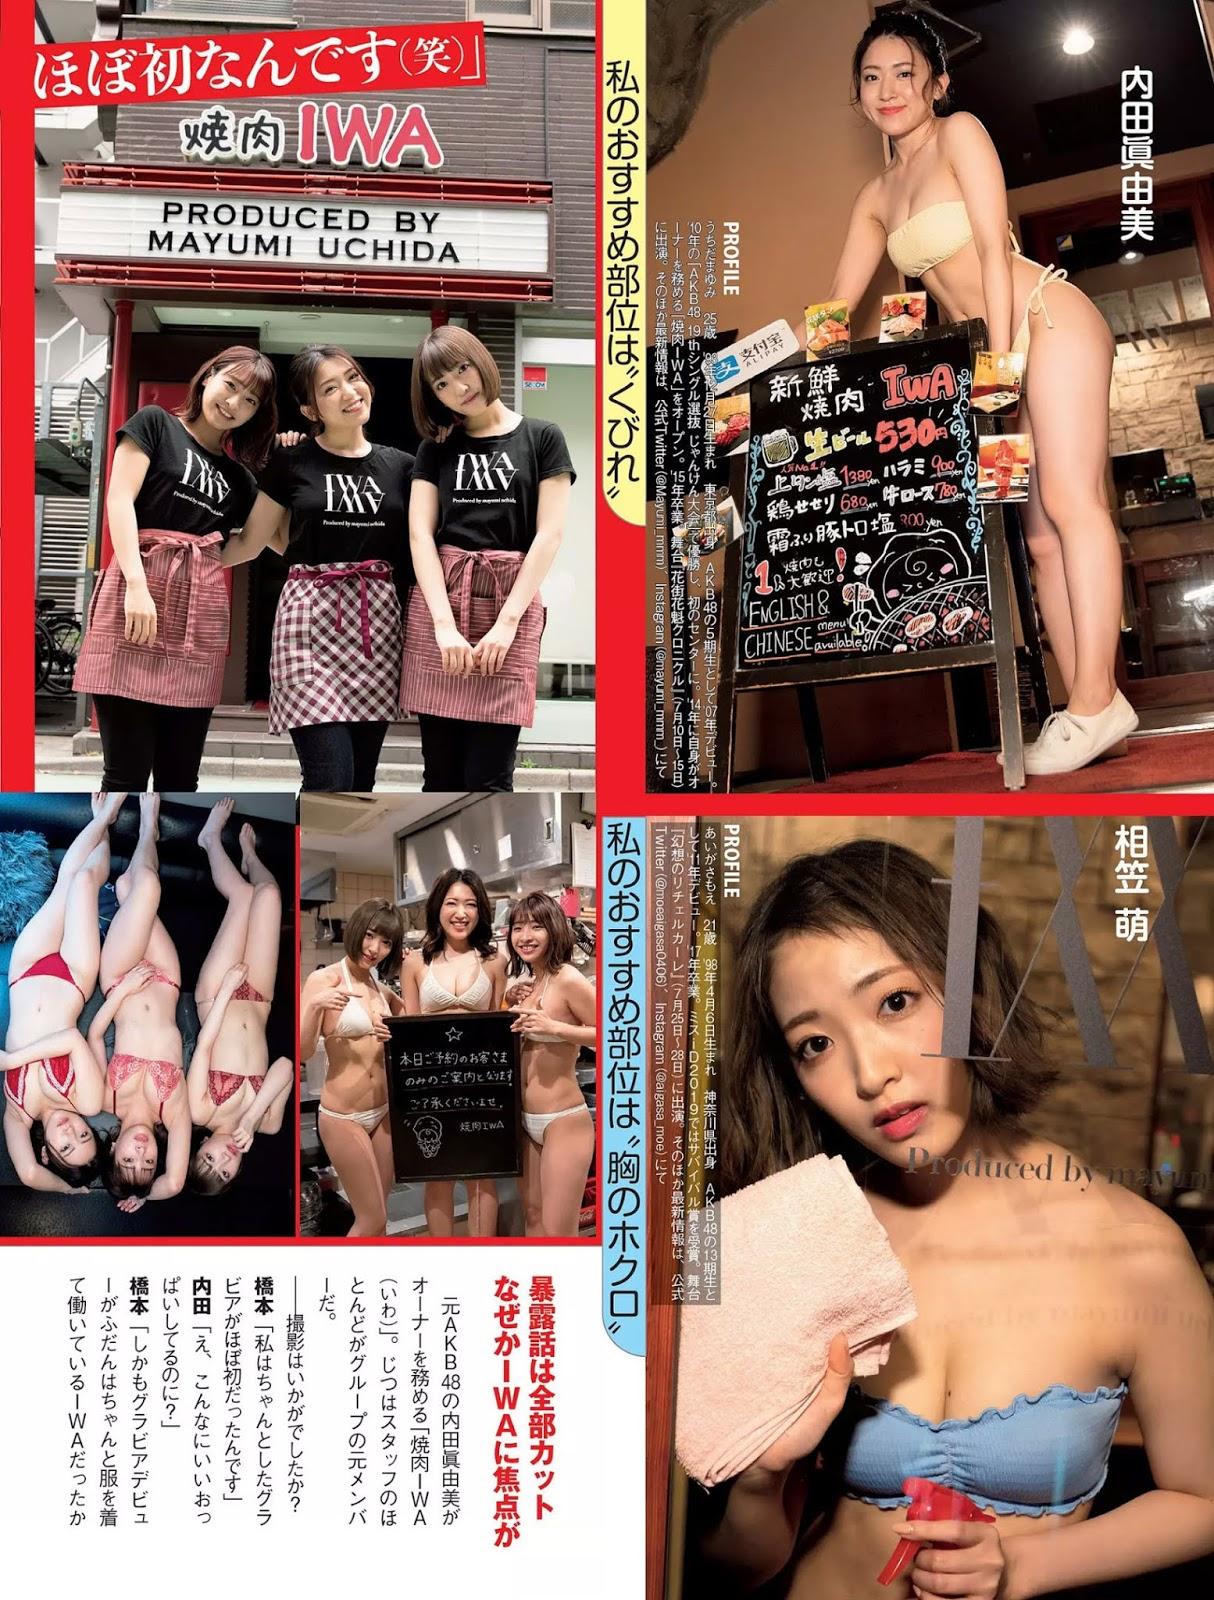 【画像】 AKB内田眞由美さんがヌードwwwwwwwwwwwwwwwwwwwww ->画像>54枚